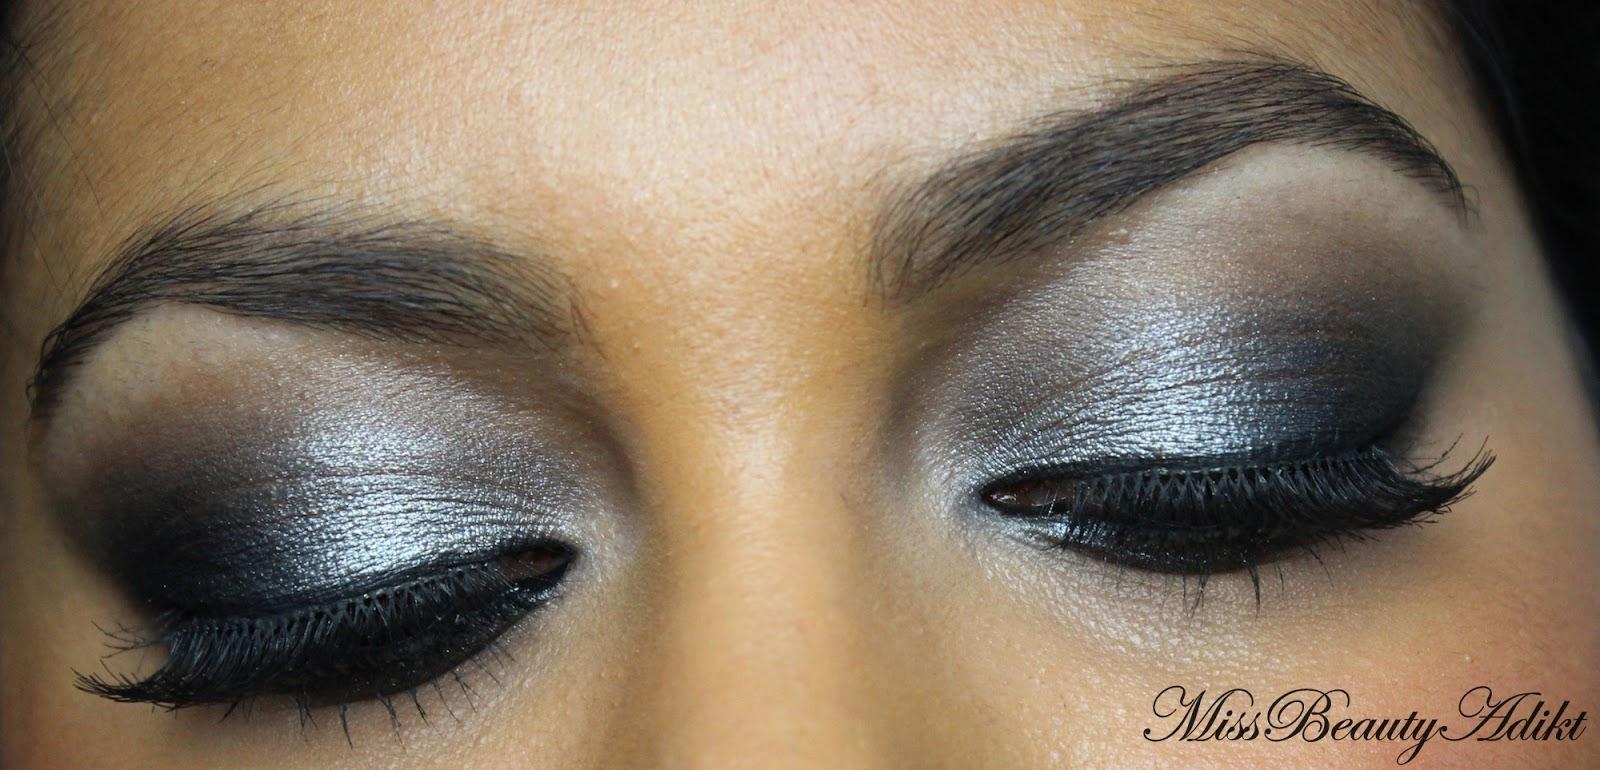 M I S S B E A U T Y A D I K T Silver Black Eid Eye Makeup Tutorial